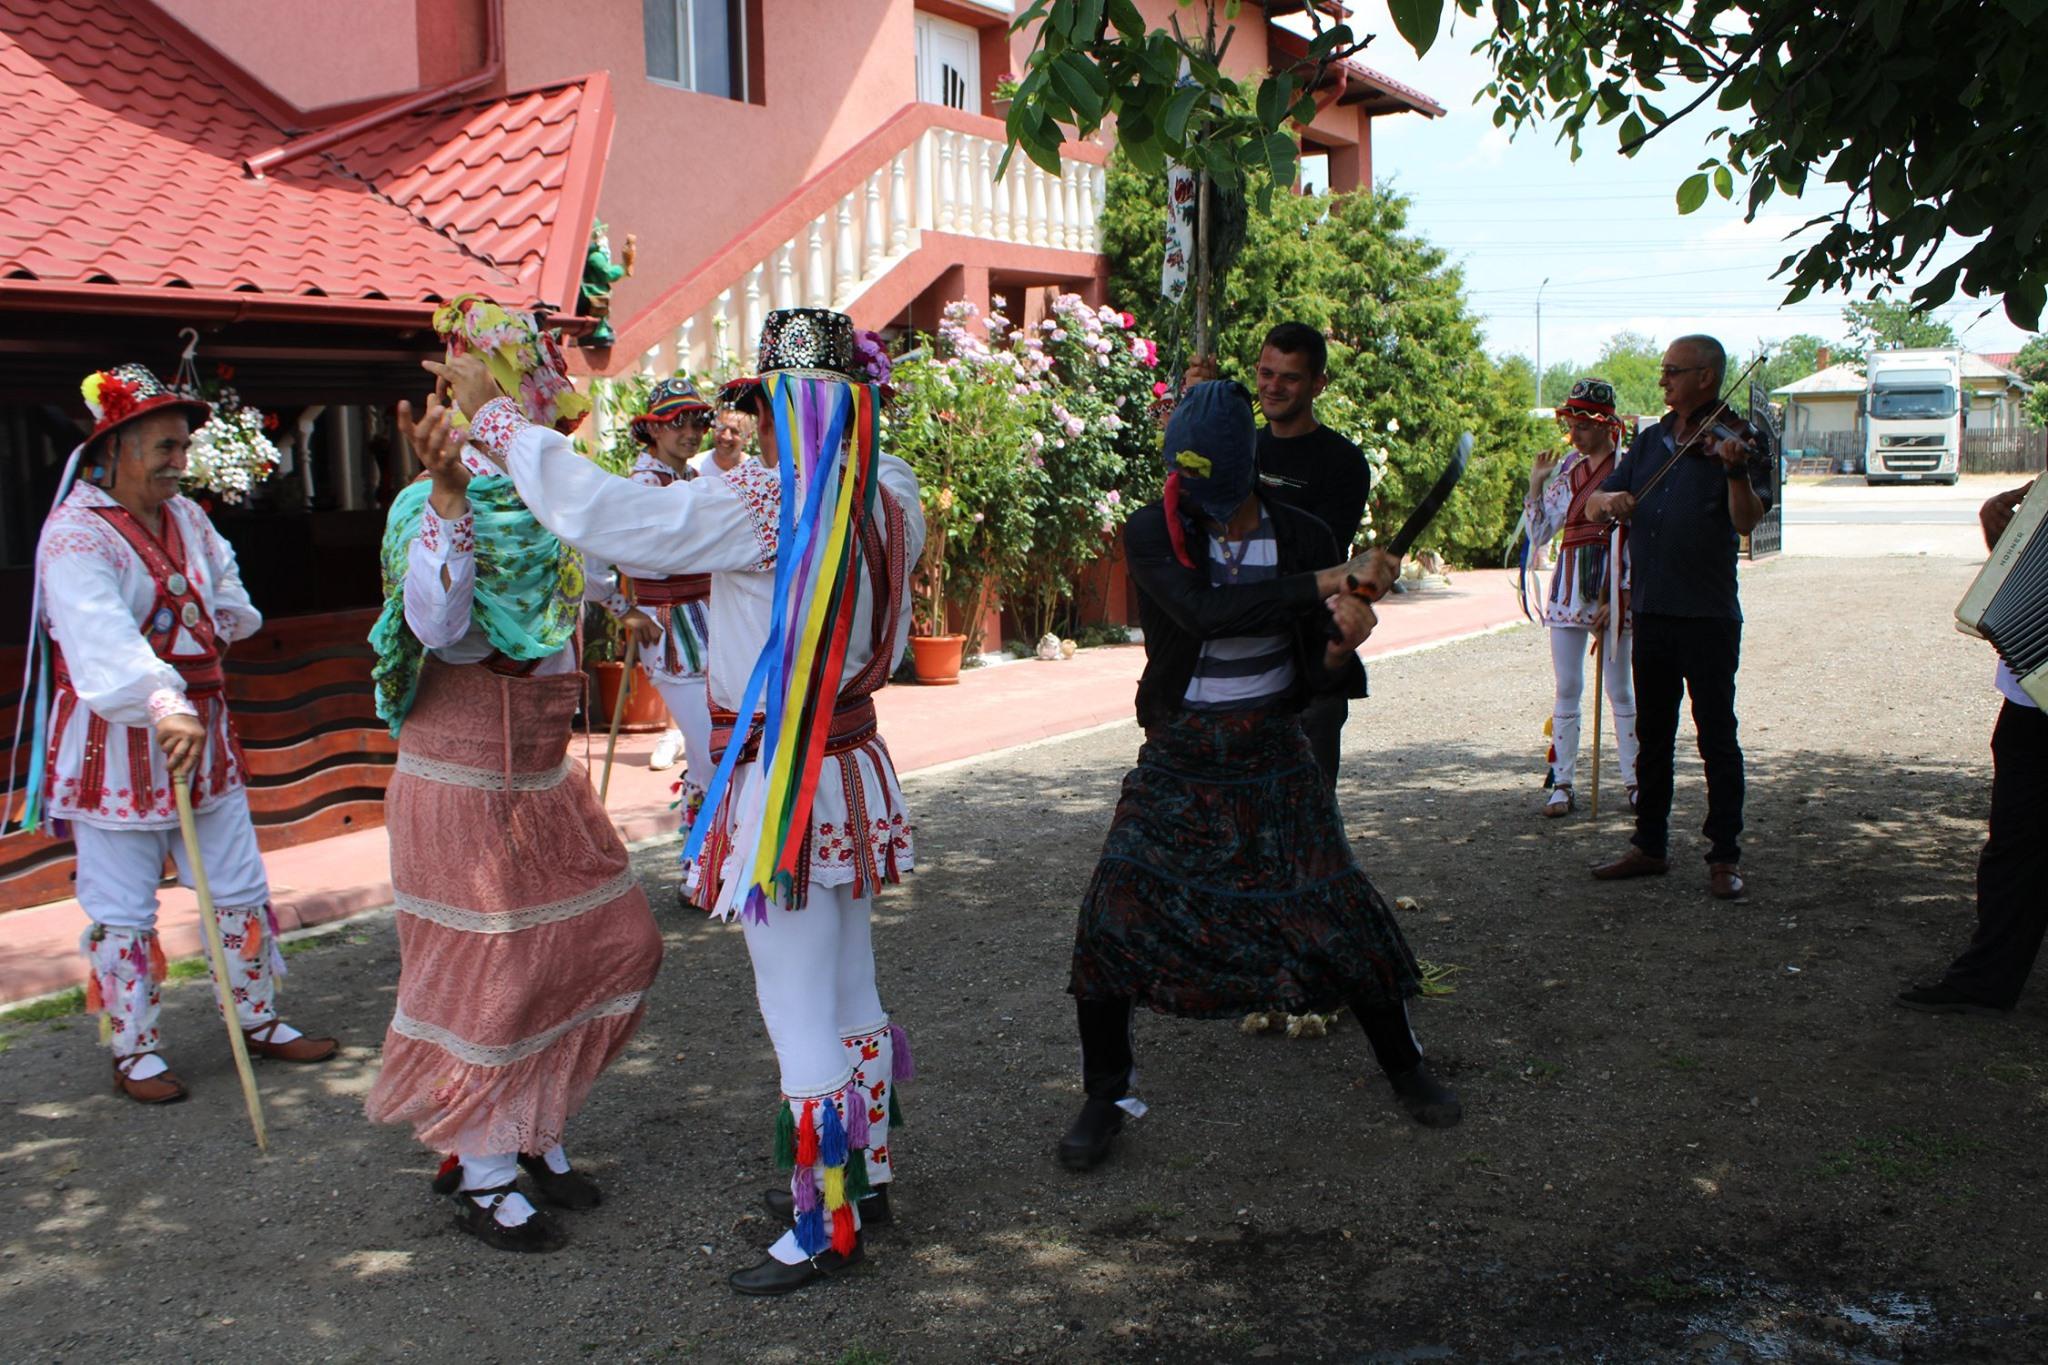 Călușul se joacă la Costești în fiecare an, în ziua de Rusalii